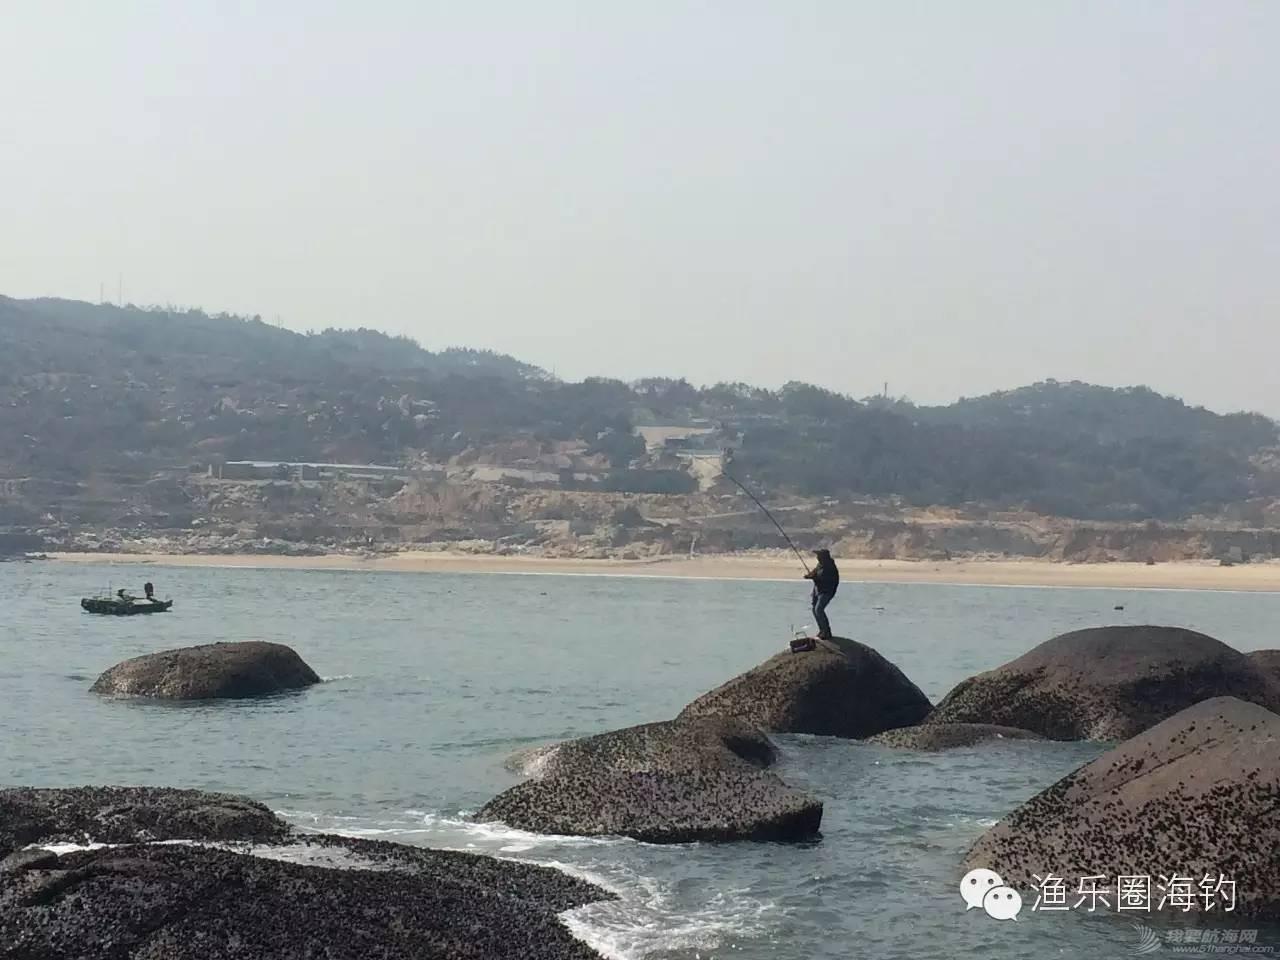 如果生命是一幅画卷,那么海钓则是其中一道美丽的风景.w5.jpg